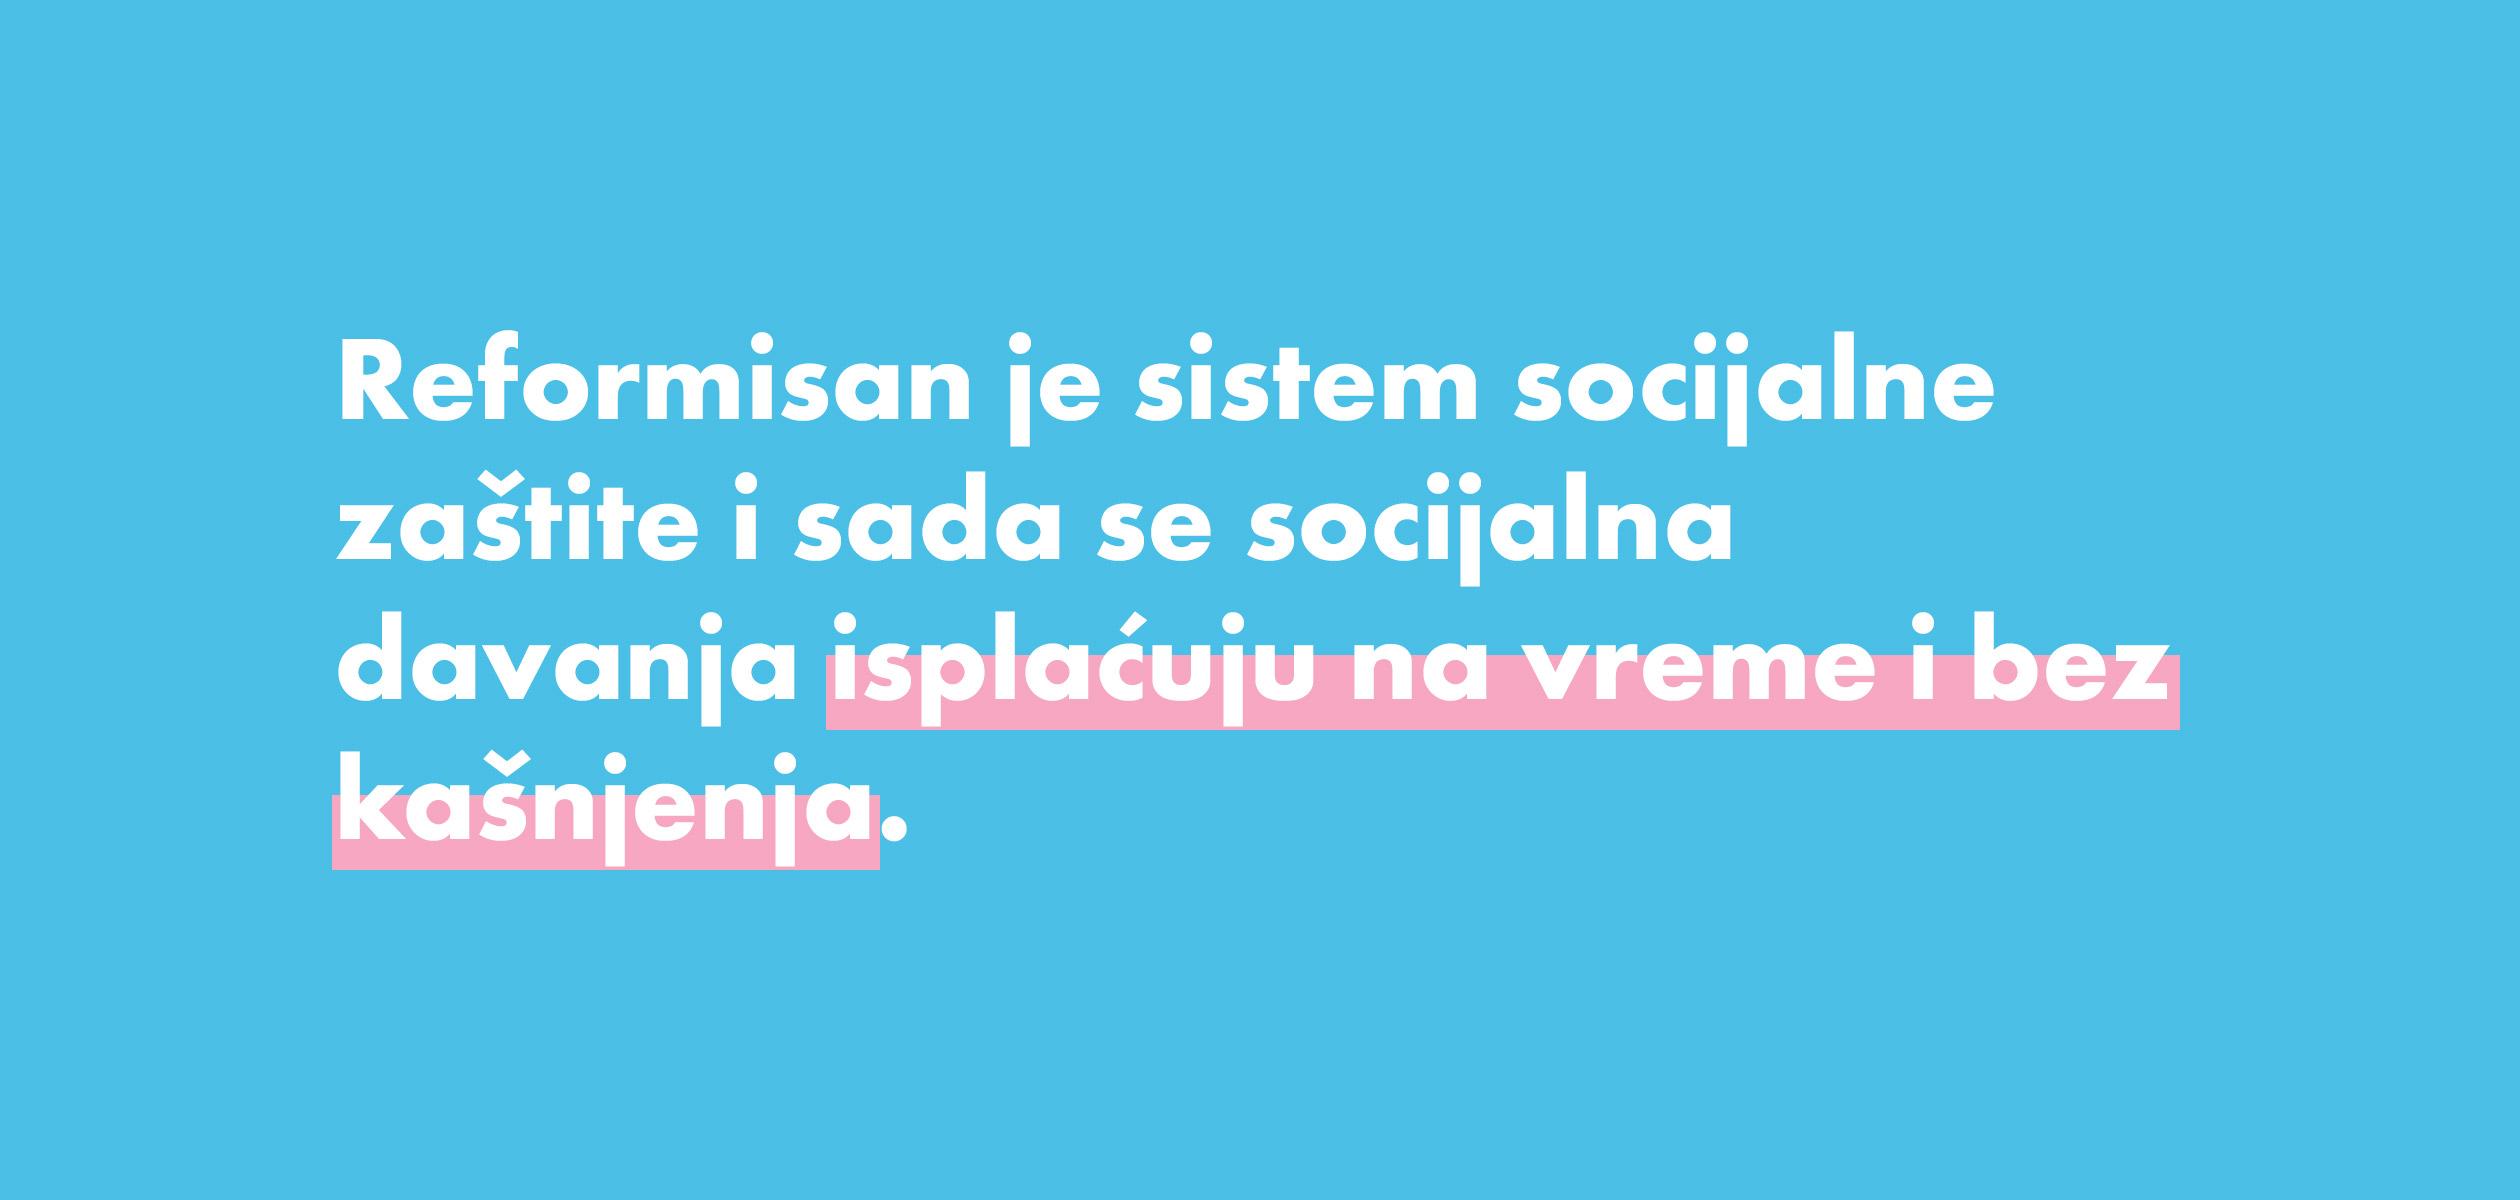 reformisan-sistem-socijalne-zastite.jpg